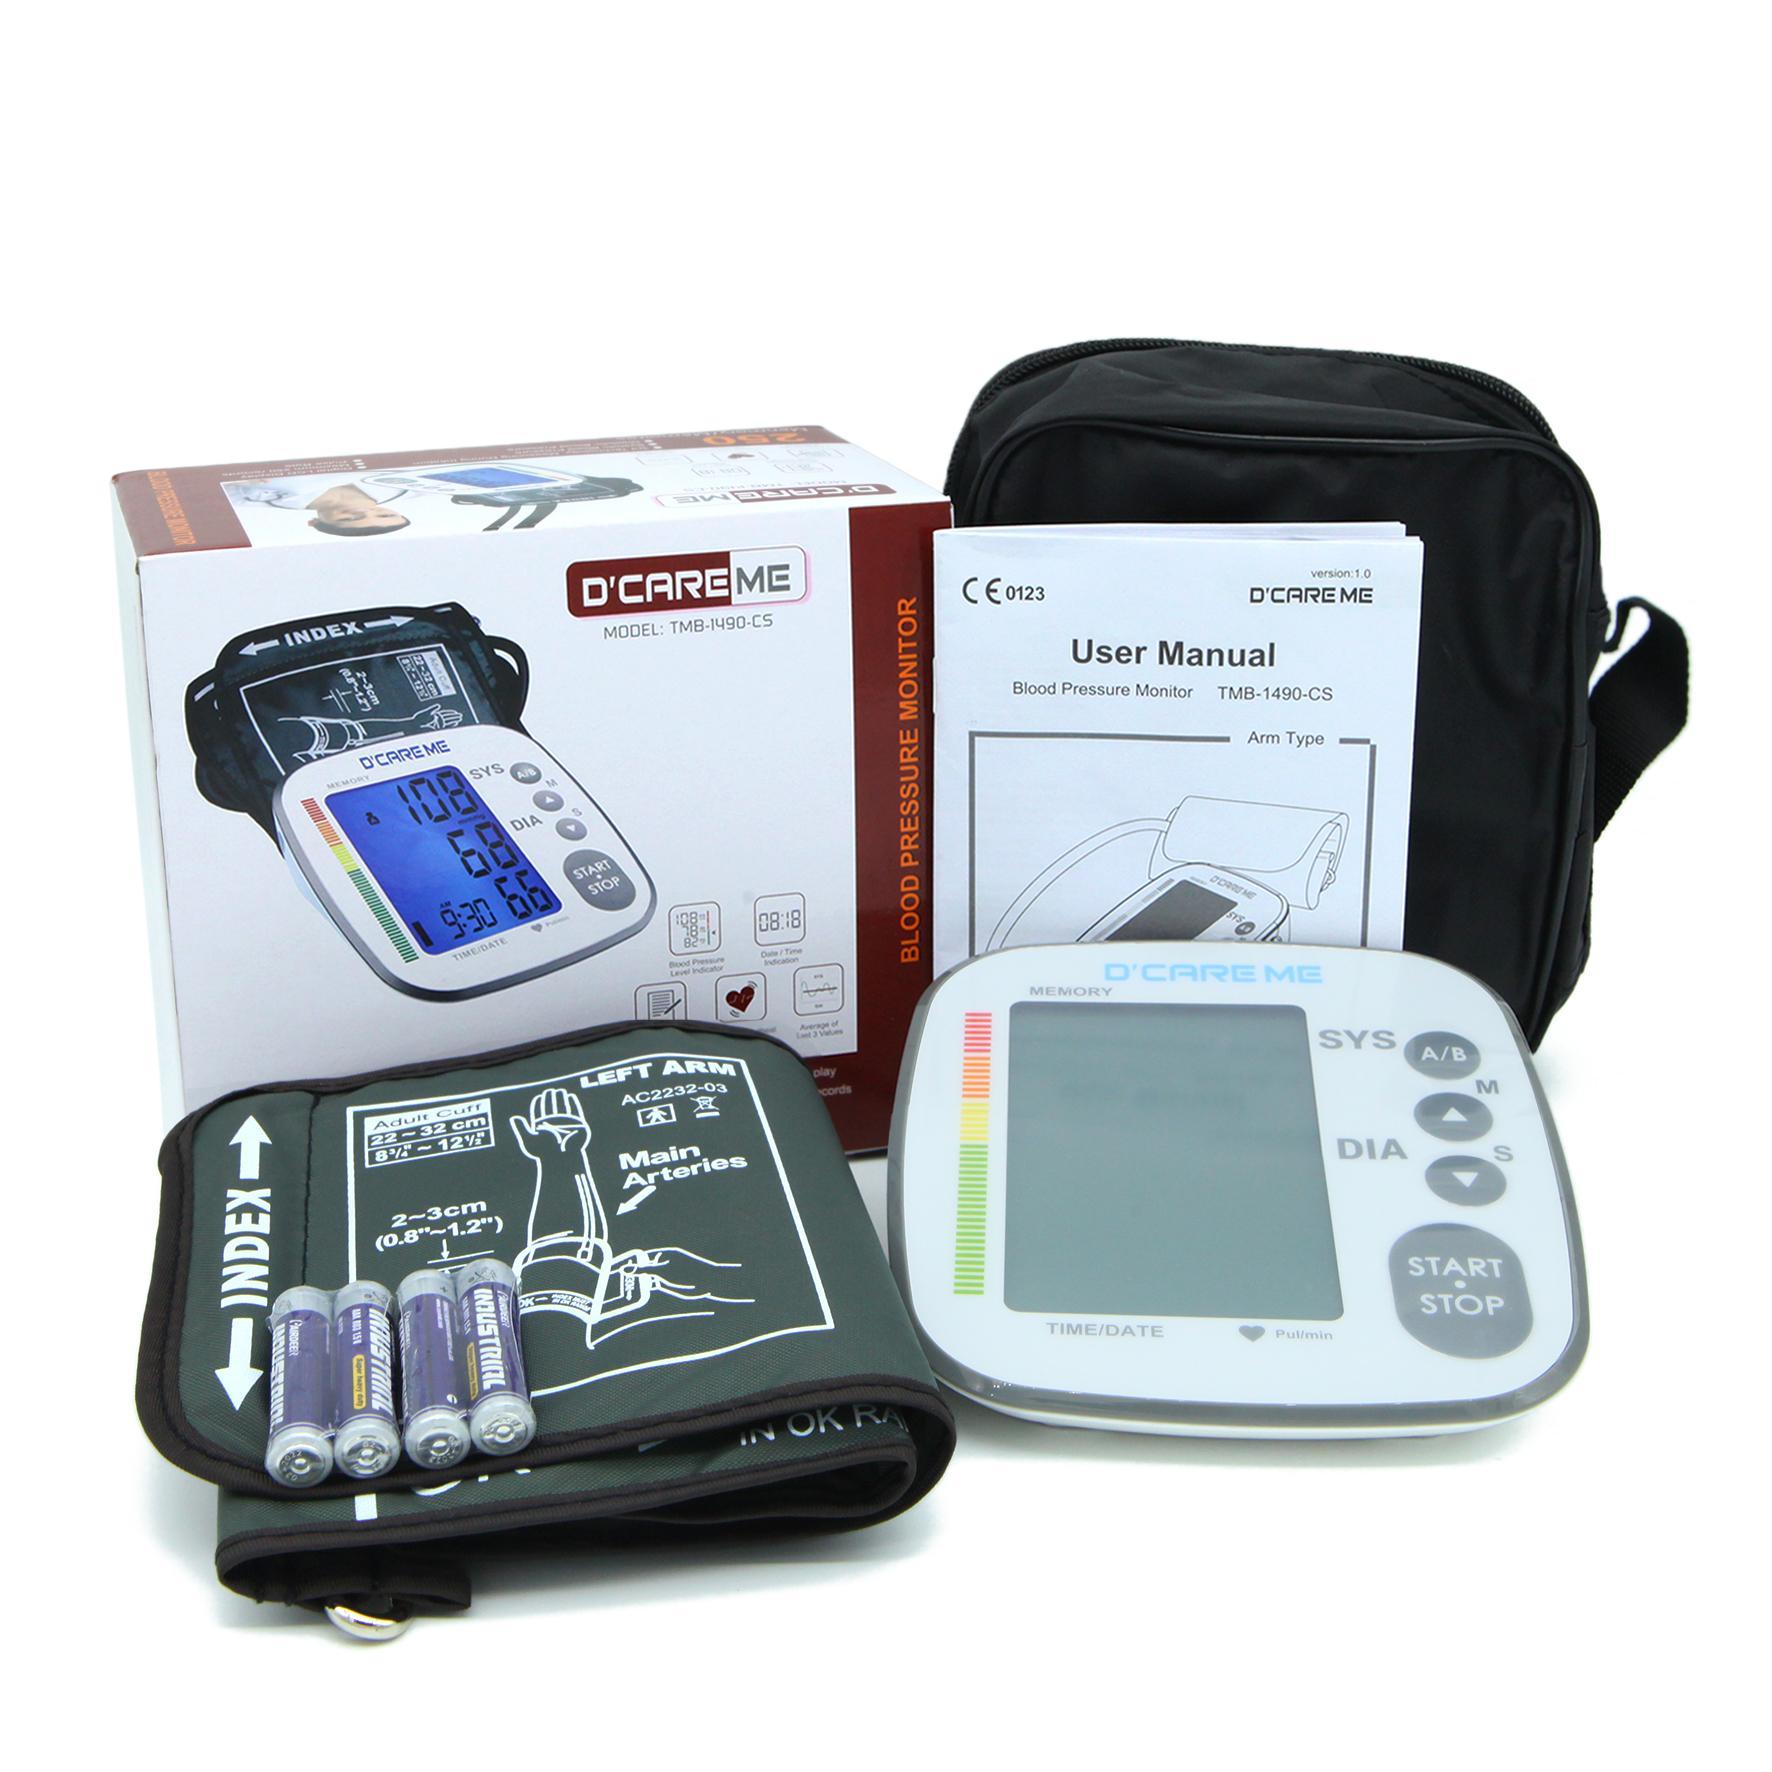 Máy đo huyết áp bắp tay Dcareme chính hãng